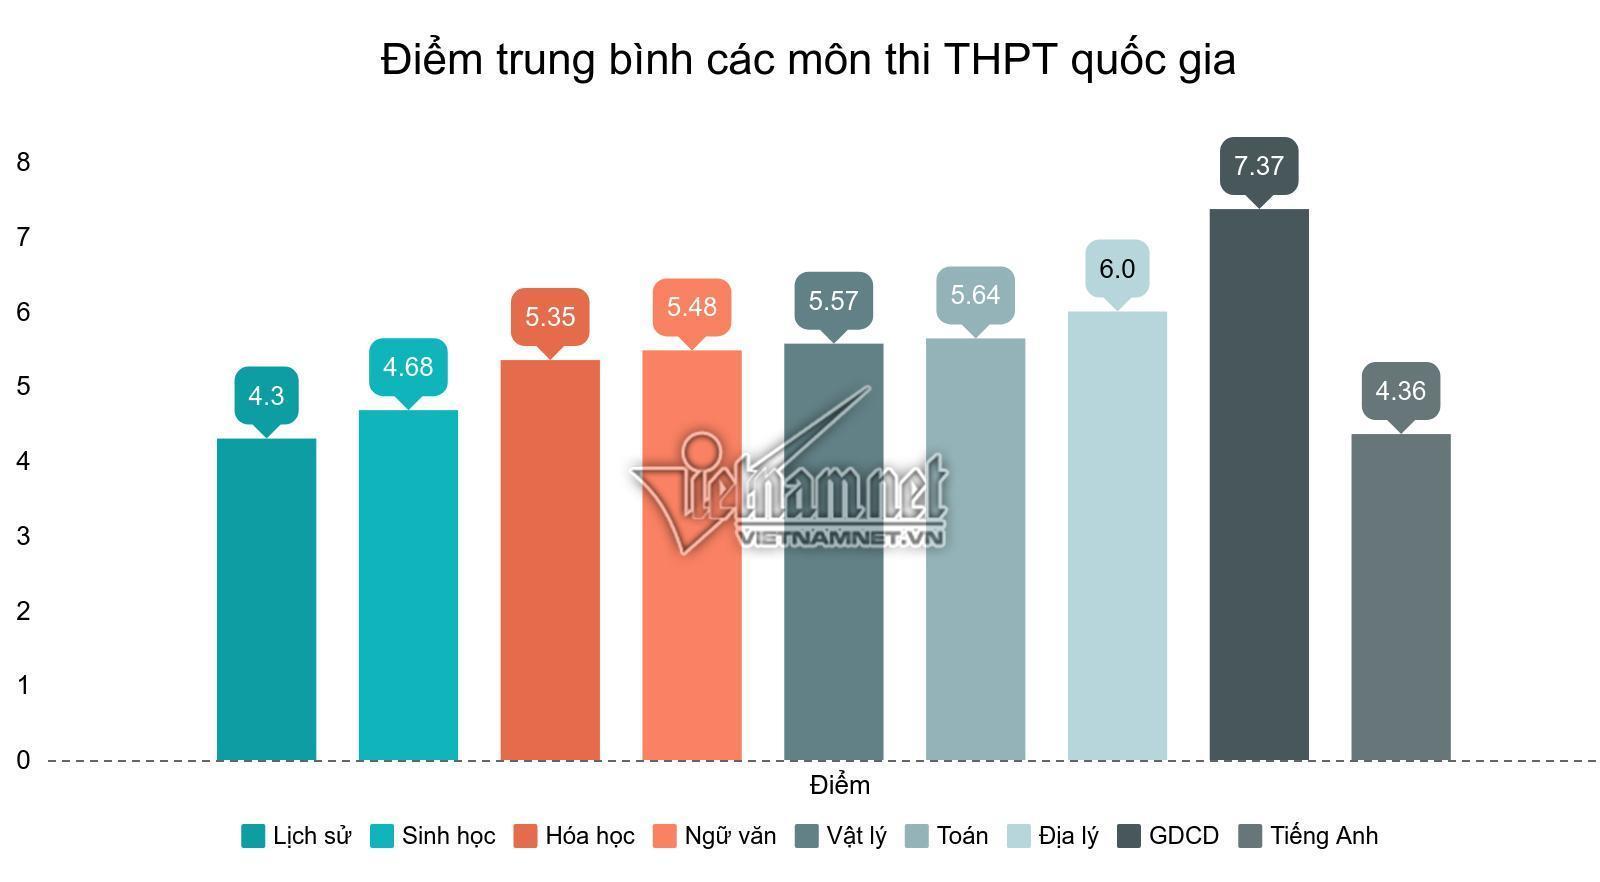 Điểm trung bình các môn thi THPT quốc gia 2019 tăng hơn năm 2018. Đồ hoạ: Thuý Nga.